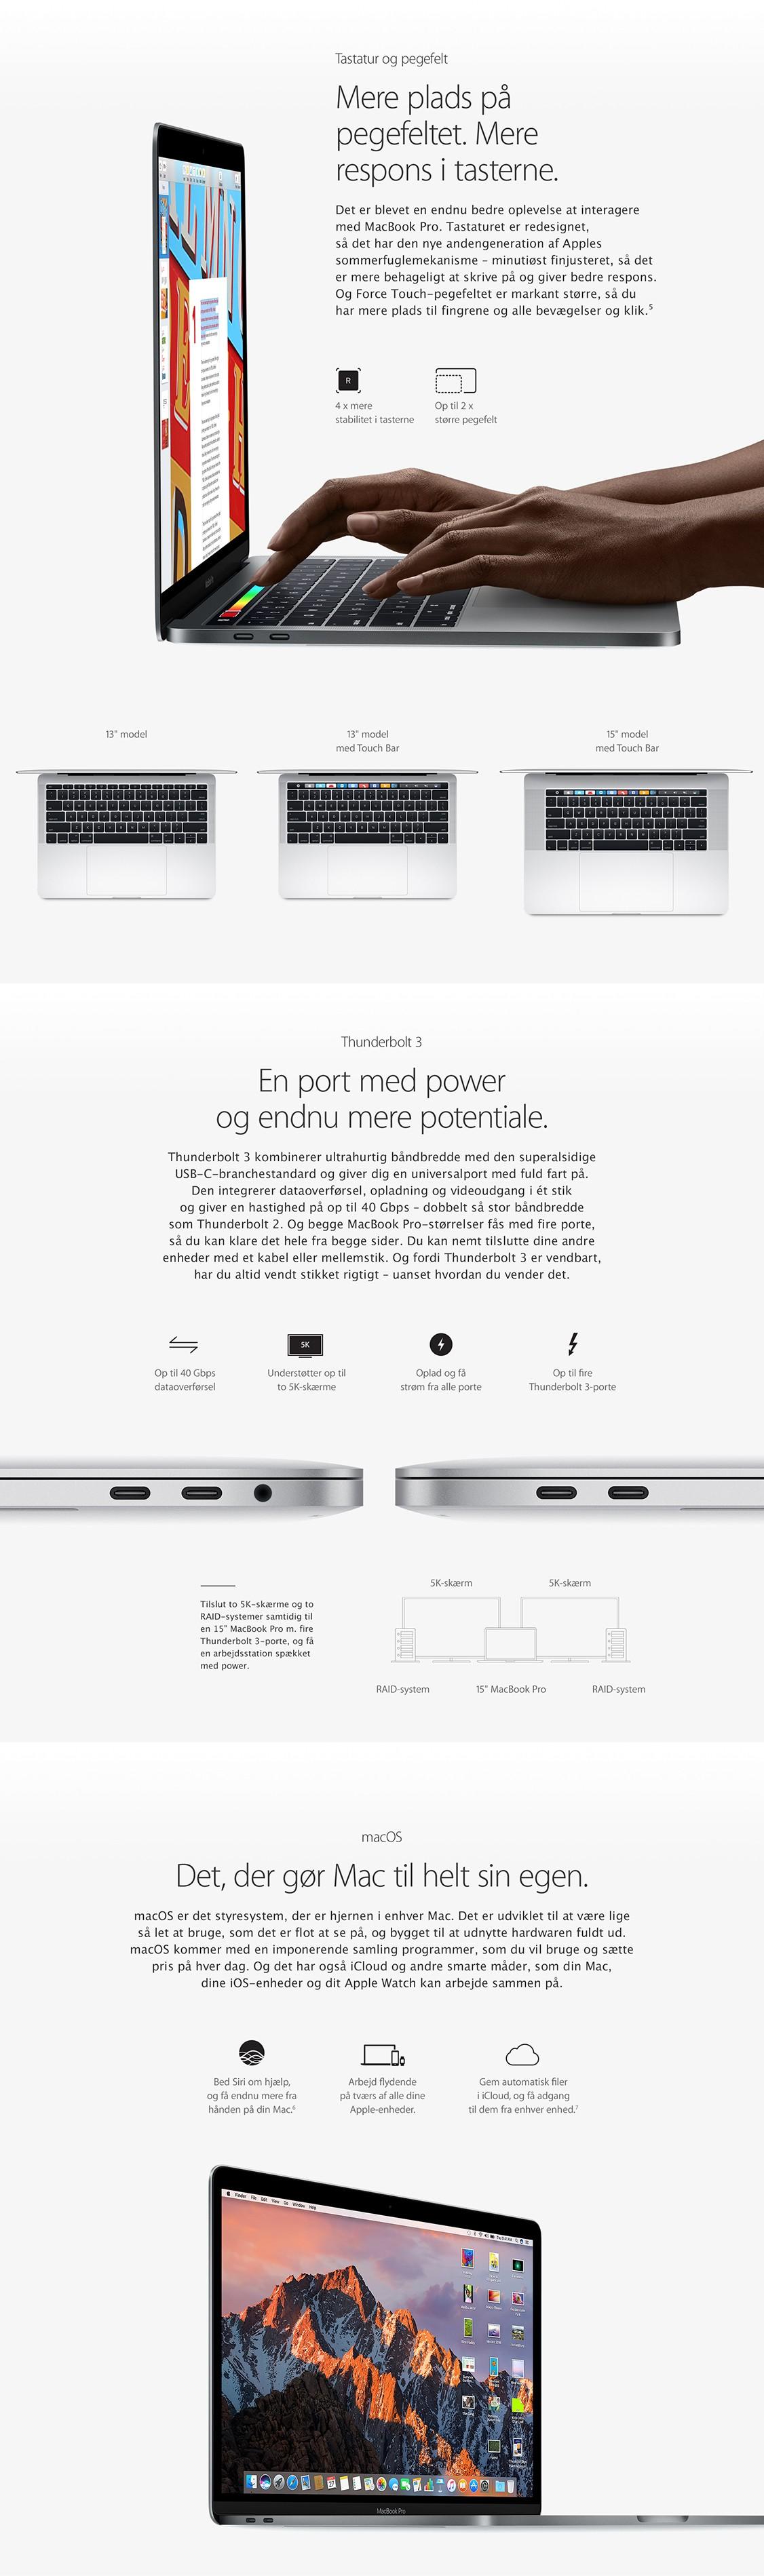 Få mere plads og power med MacBook Pro